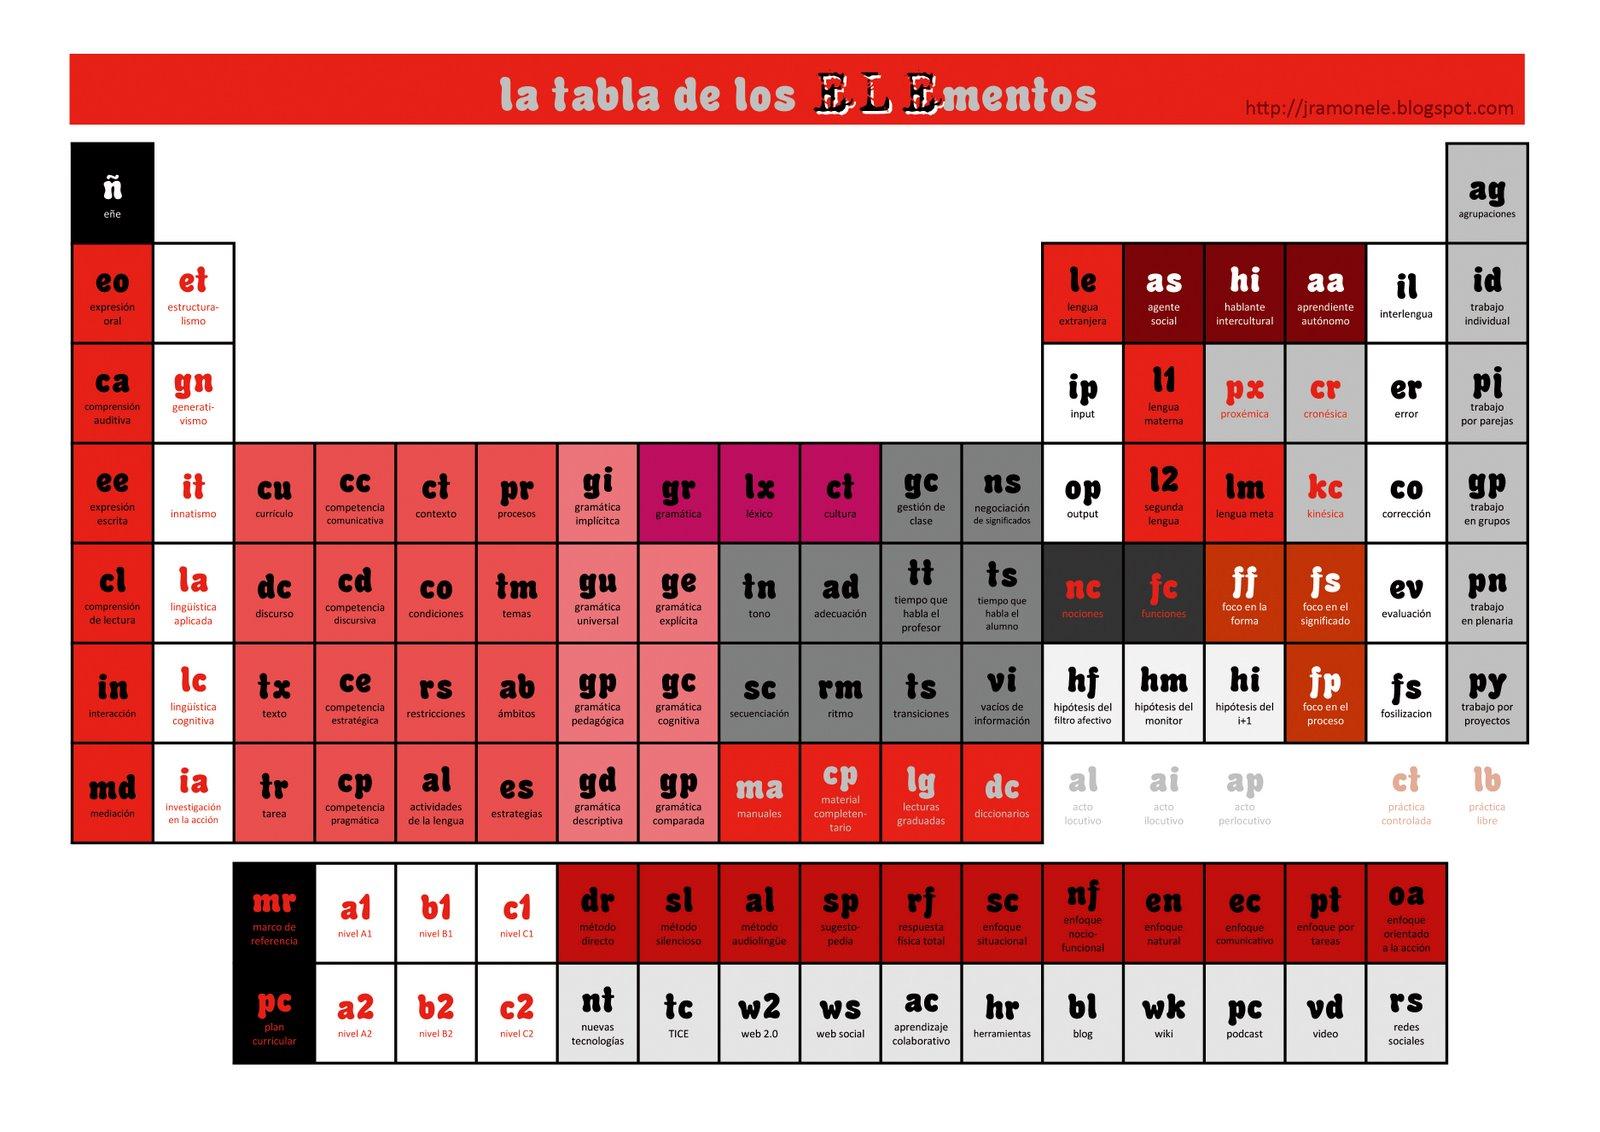 Jramnele la tabla peridica de la ortografa tabla peridica de los elementos de jramonele 2009 hacer clic para aumentar urtaz Image collections